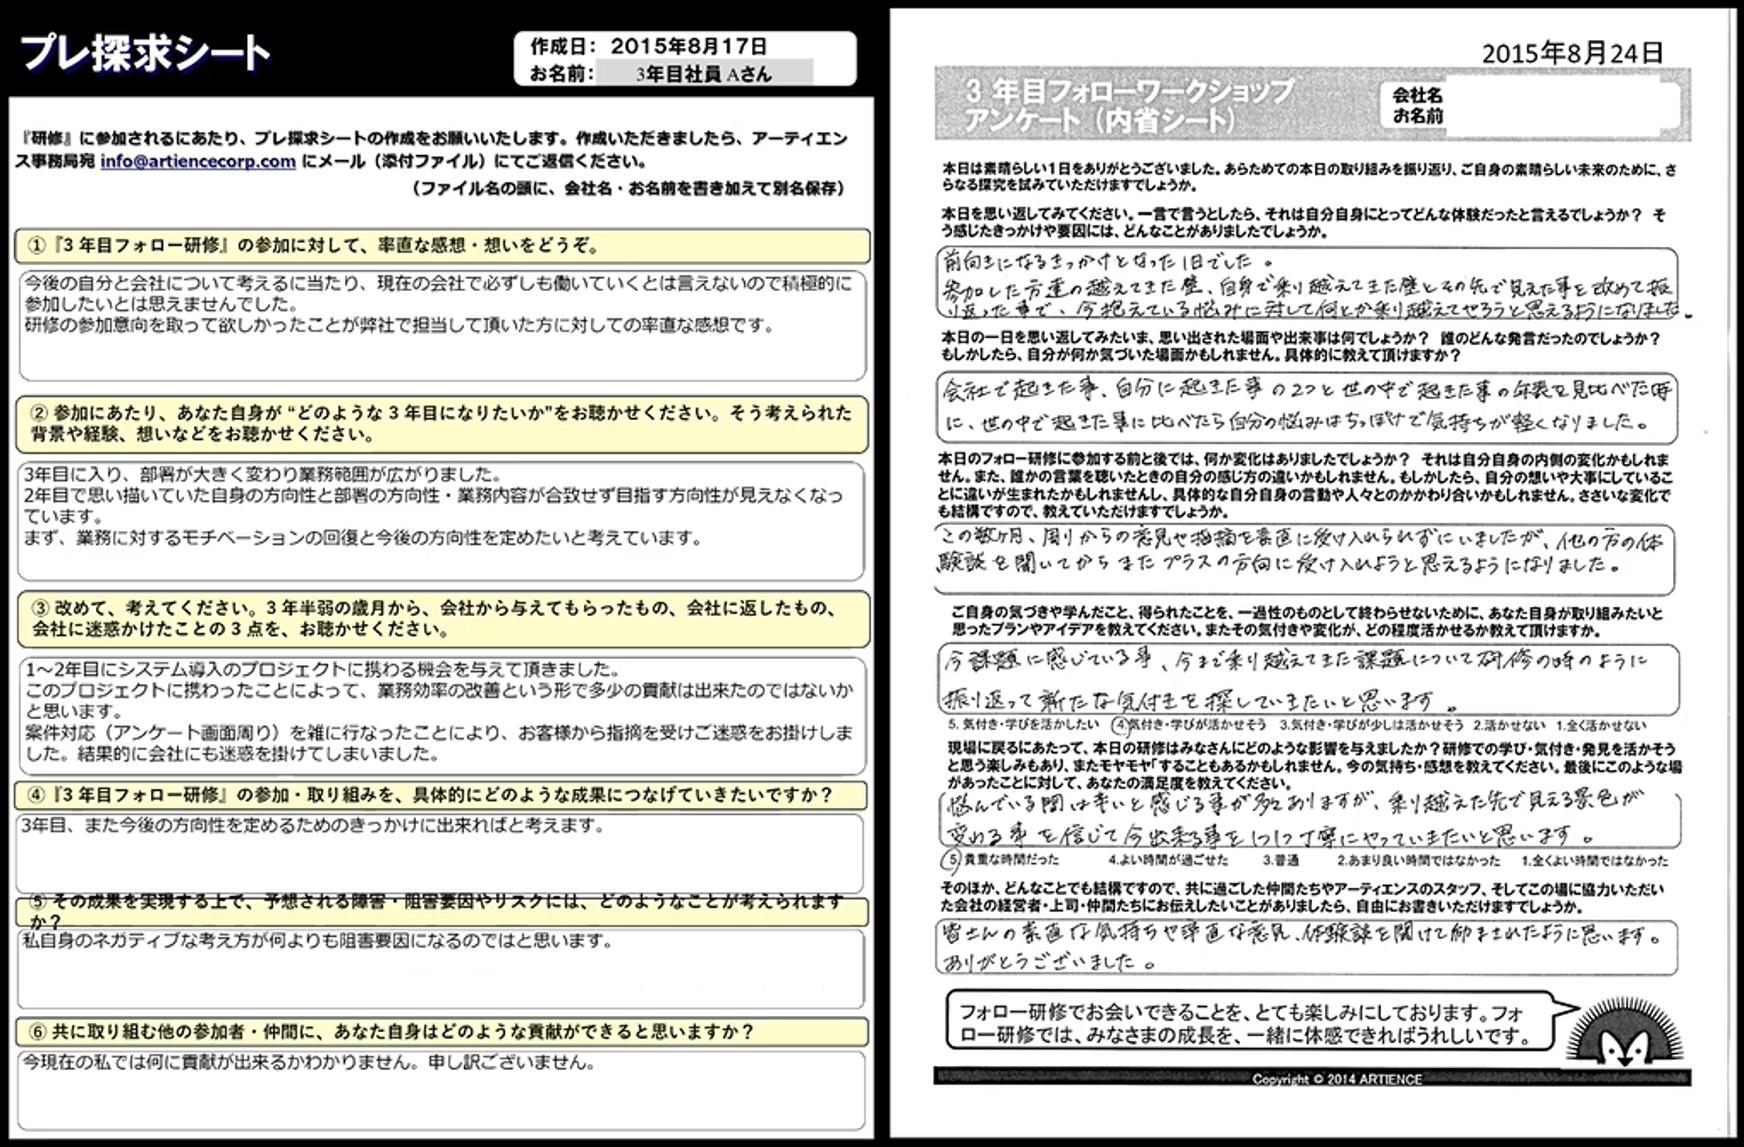 若手社員フォロー研修(受講者アンケート)